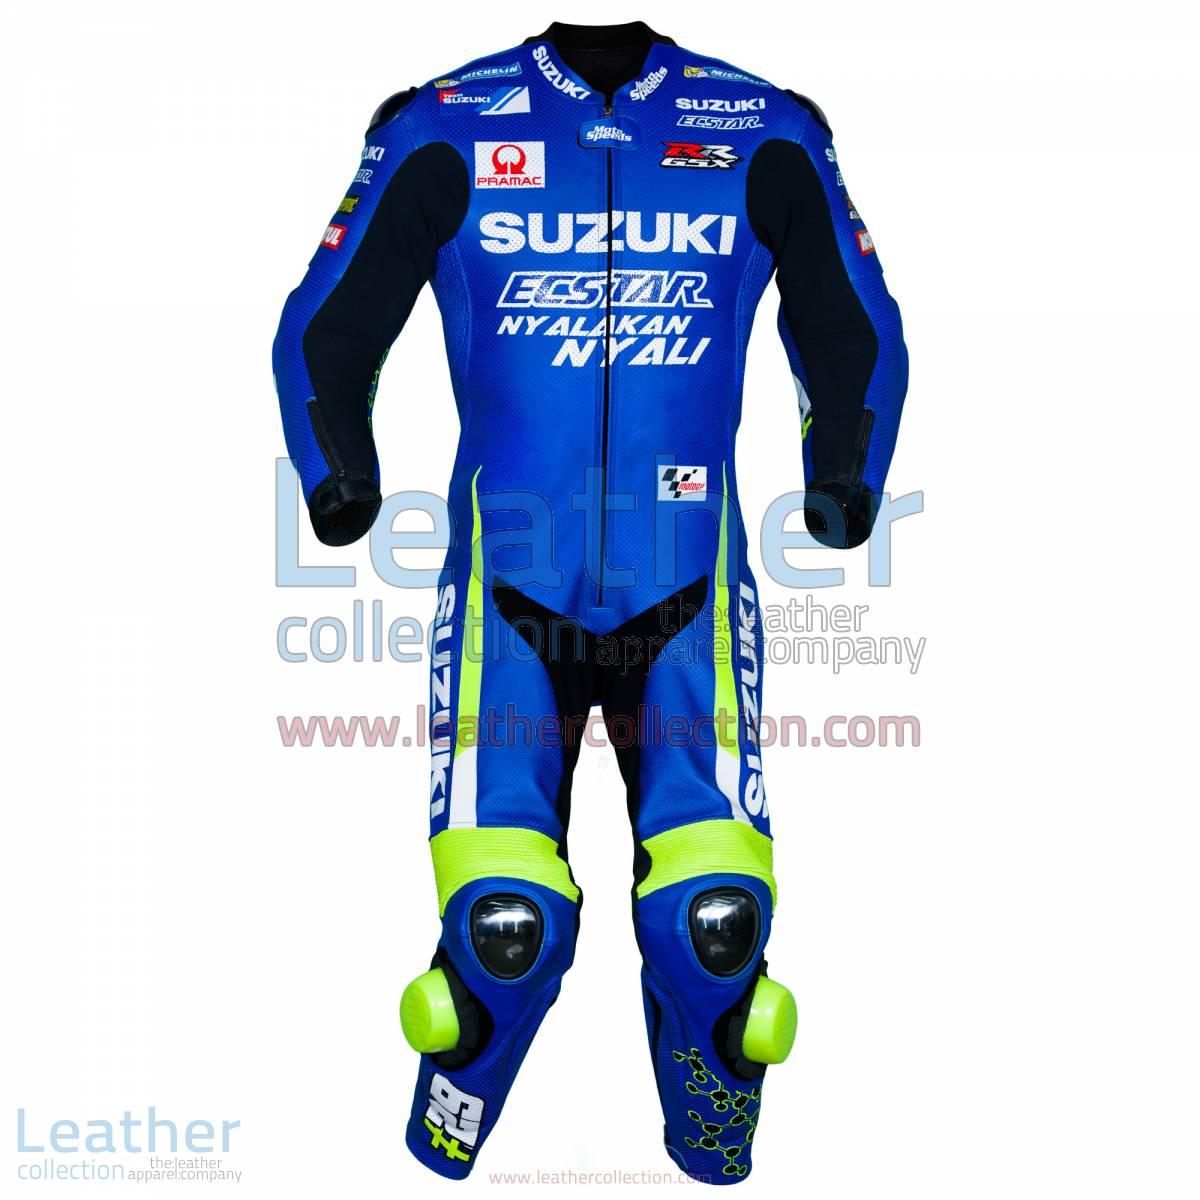 Andrea Iannone Suzuki MotoGP 2017 Racing Suit | Andrea Iannone Suzuki MotoGP 2017 Racing Suit